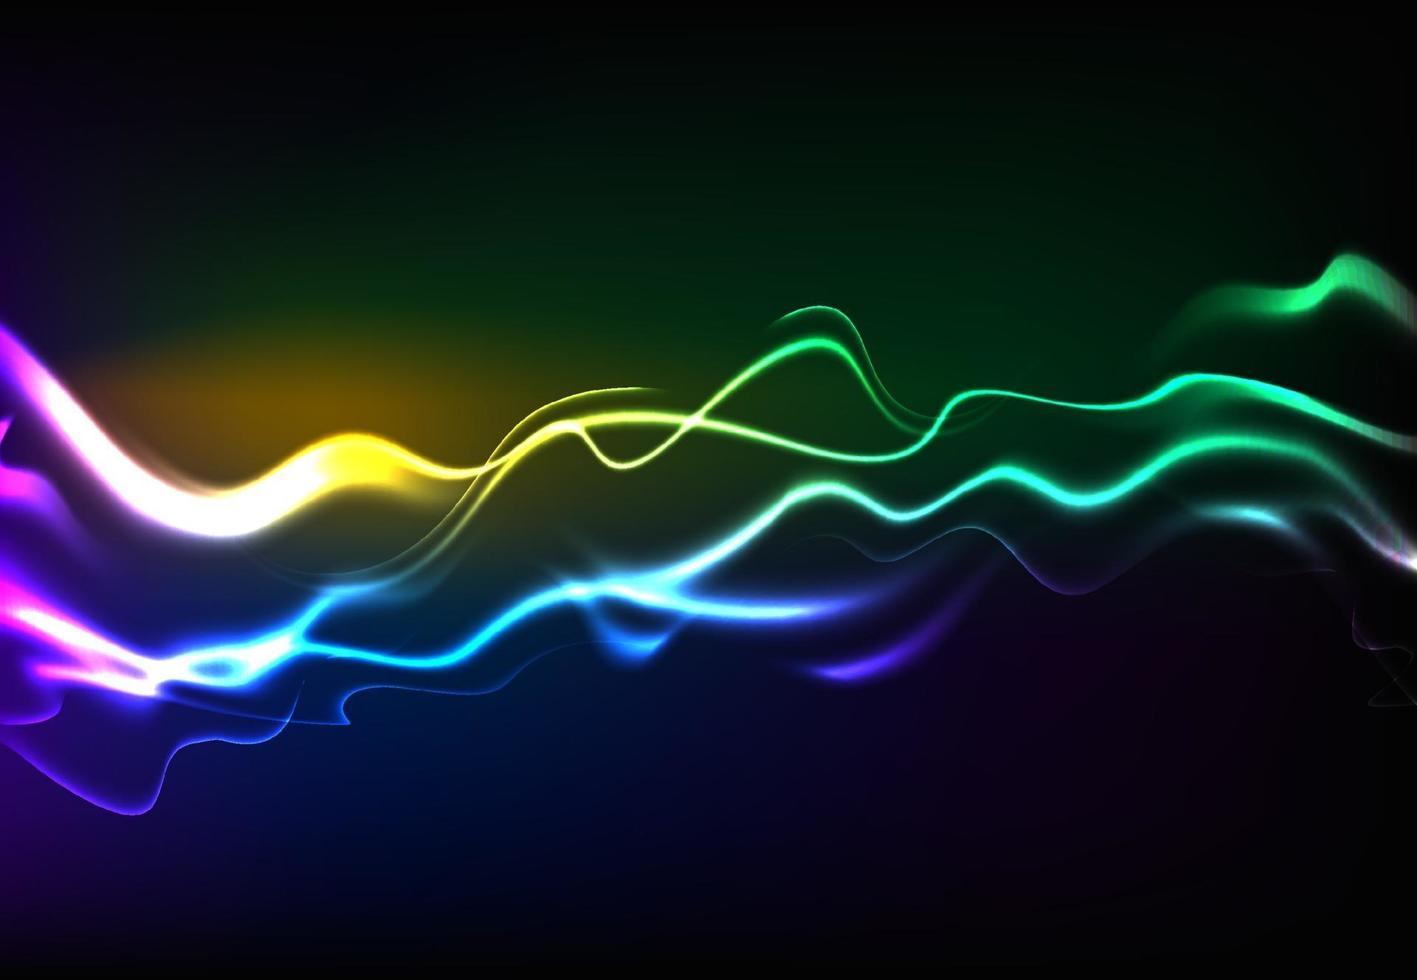 modern sprechende Schallwellen, die dunkelblaues Licht oszillieren, abstrakter Technologiehintergrund. Vektorillustration vektor